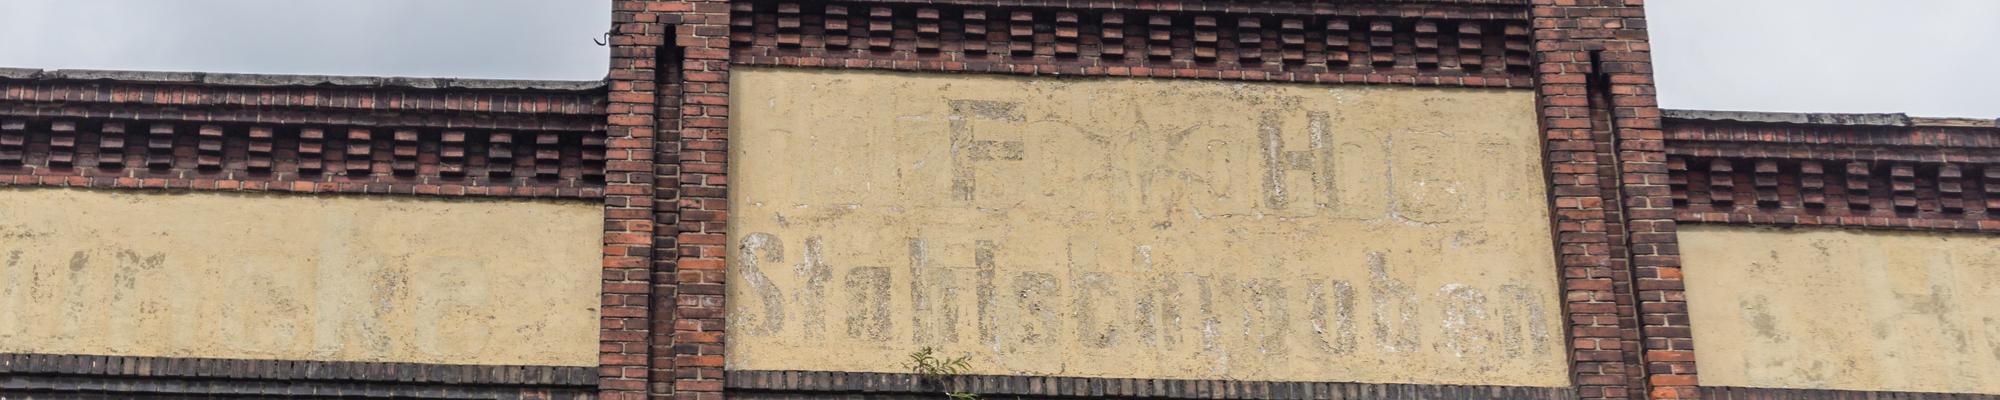 Banner Schraubenfabrik